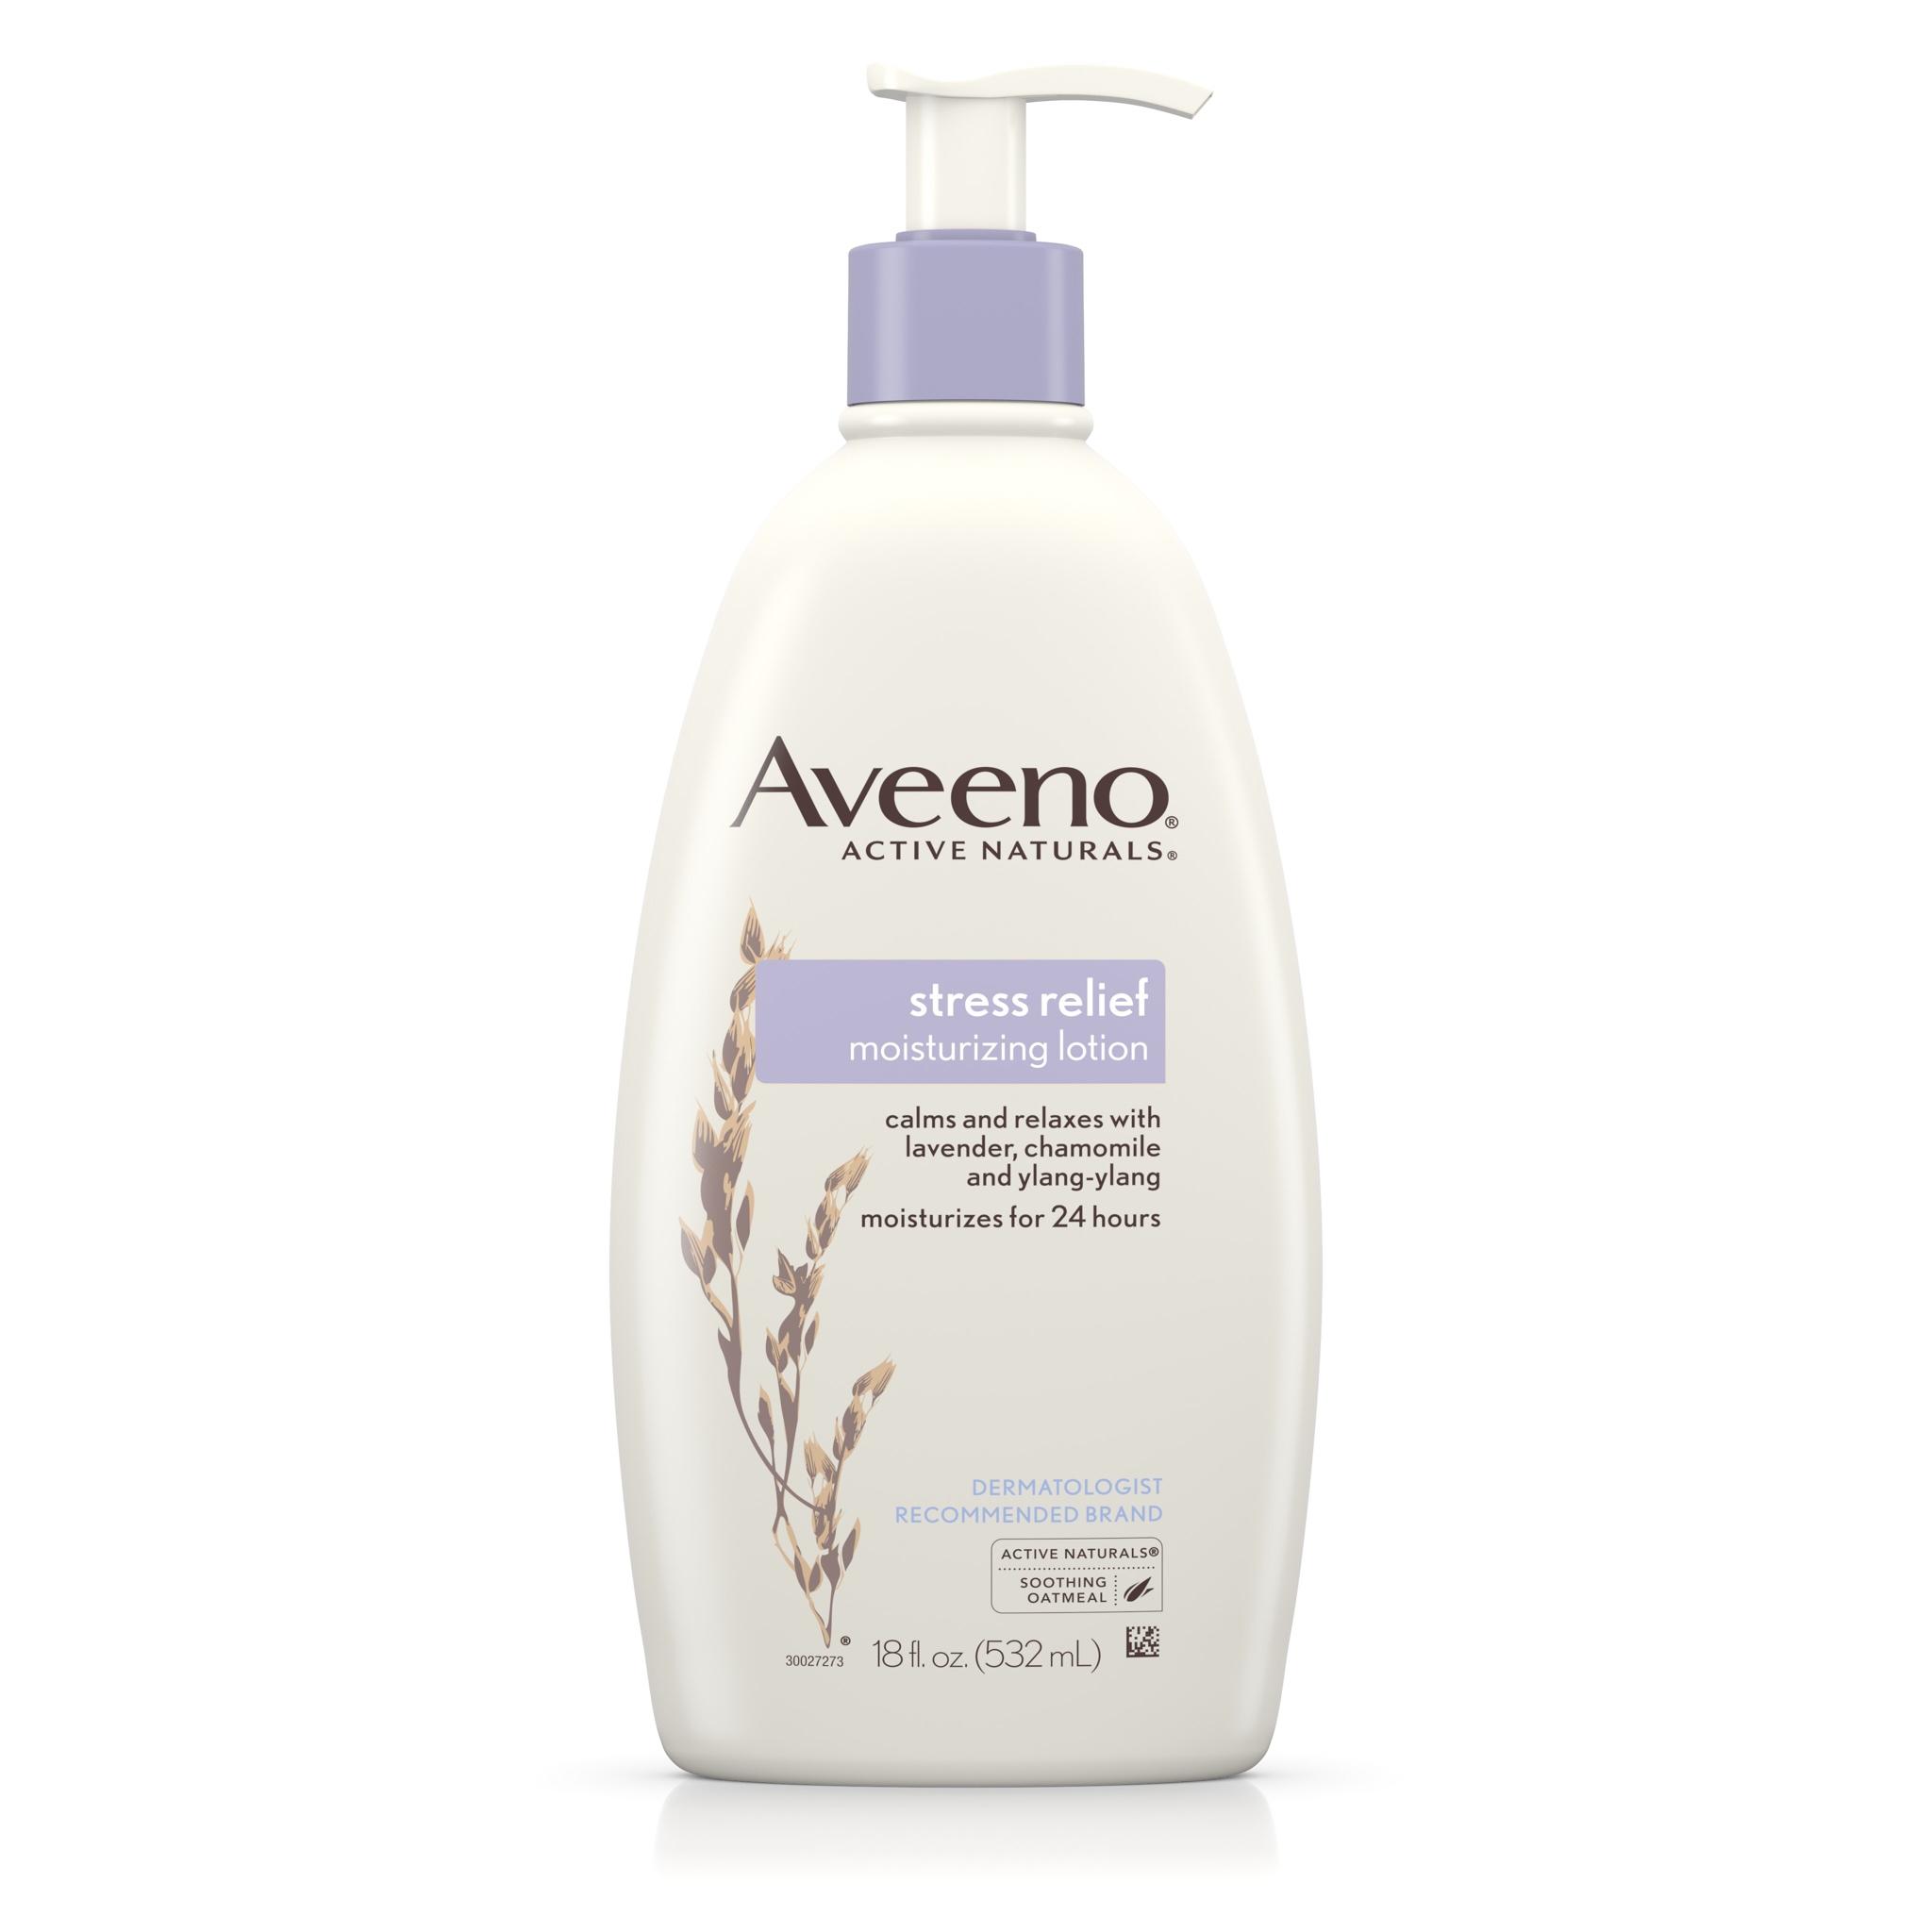 โลชั่นบำรุงผิวพร้อมผ่อนคลายความตึงเครียด Aveeno Stress Relief Moisturizing Lotion